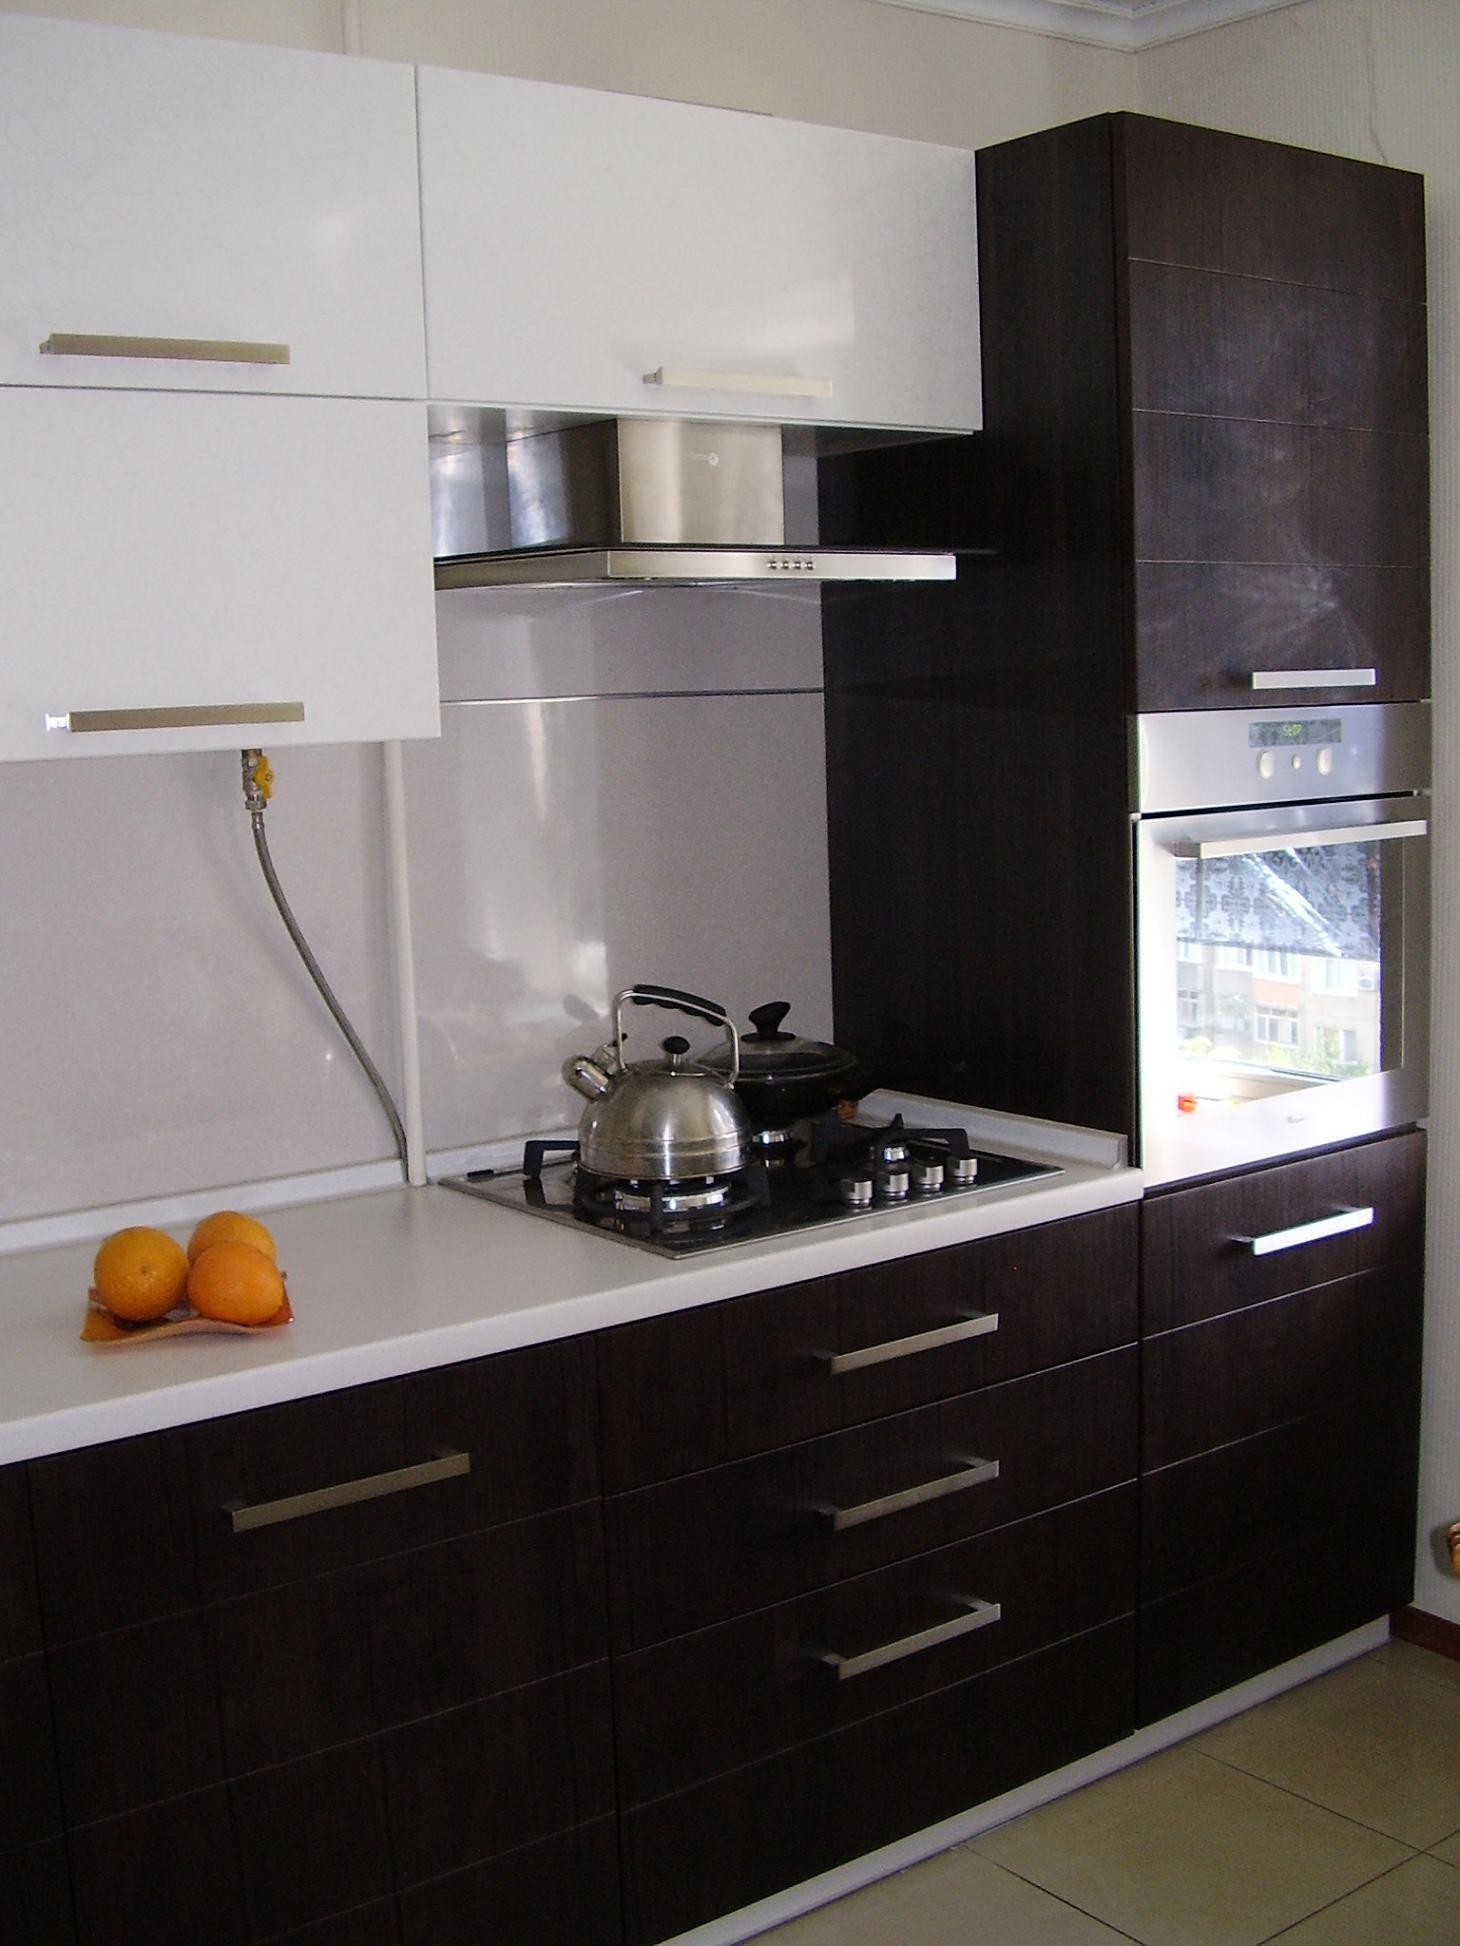 Кухня с встроенным духовым шкафом дизайн